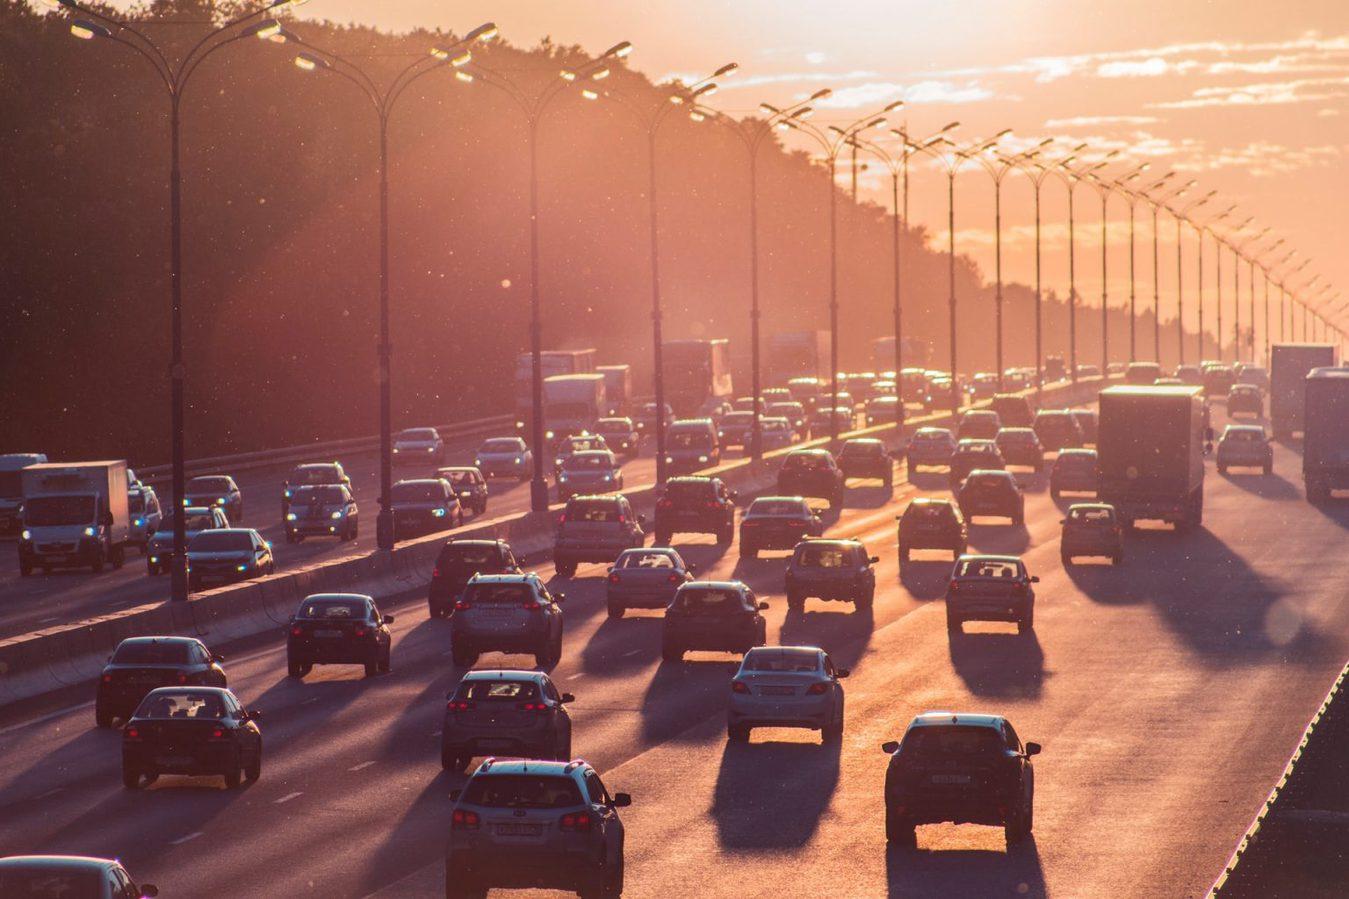 Auto's op snelweg tijdens zonsondergang